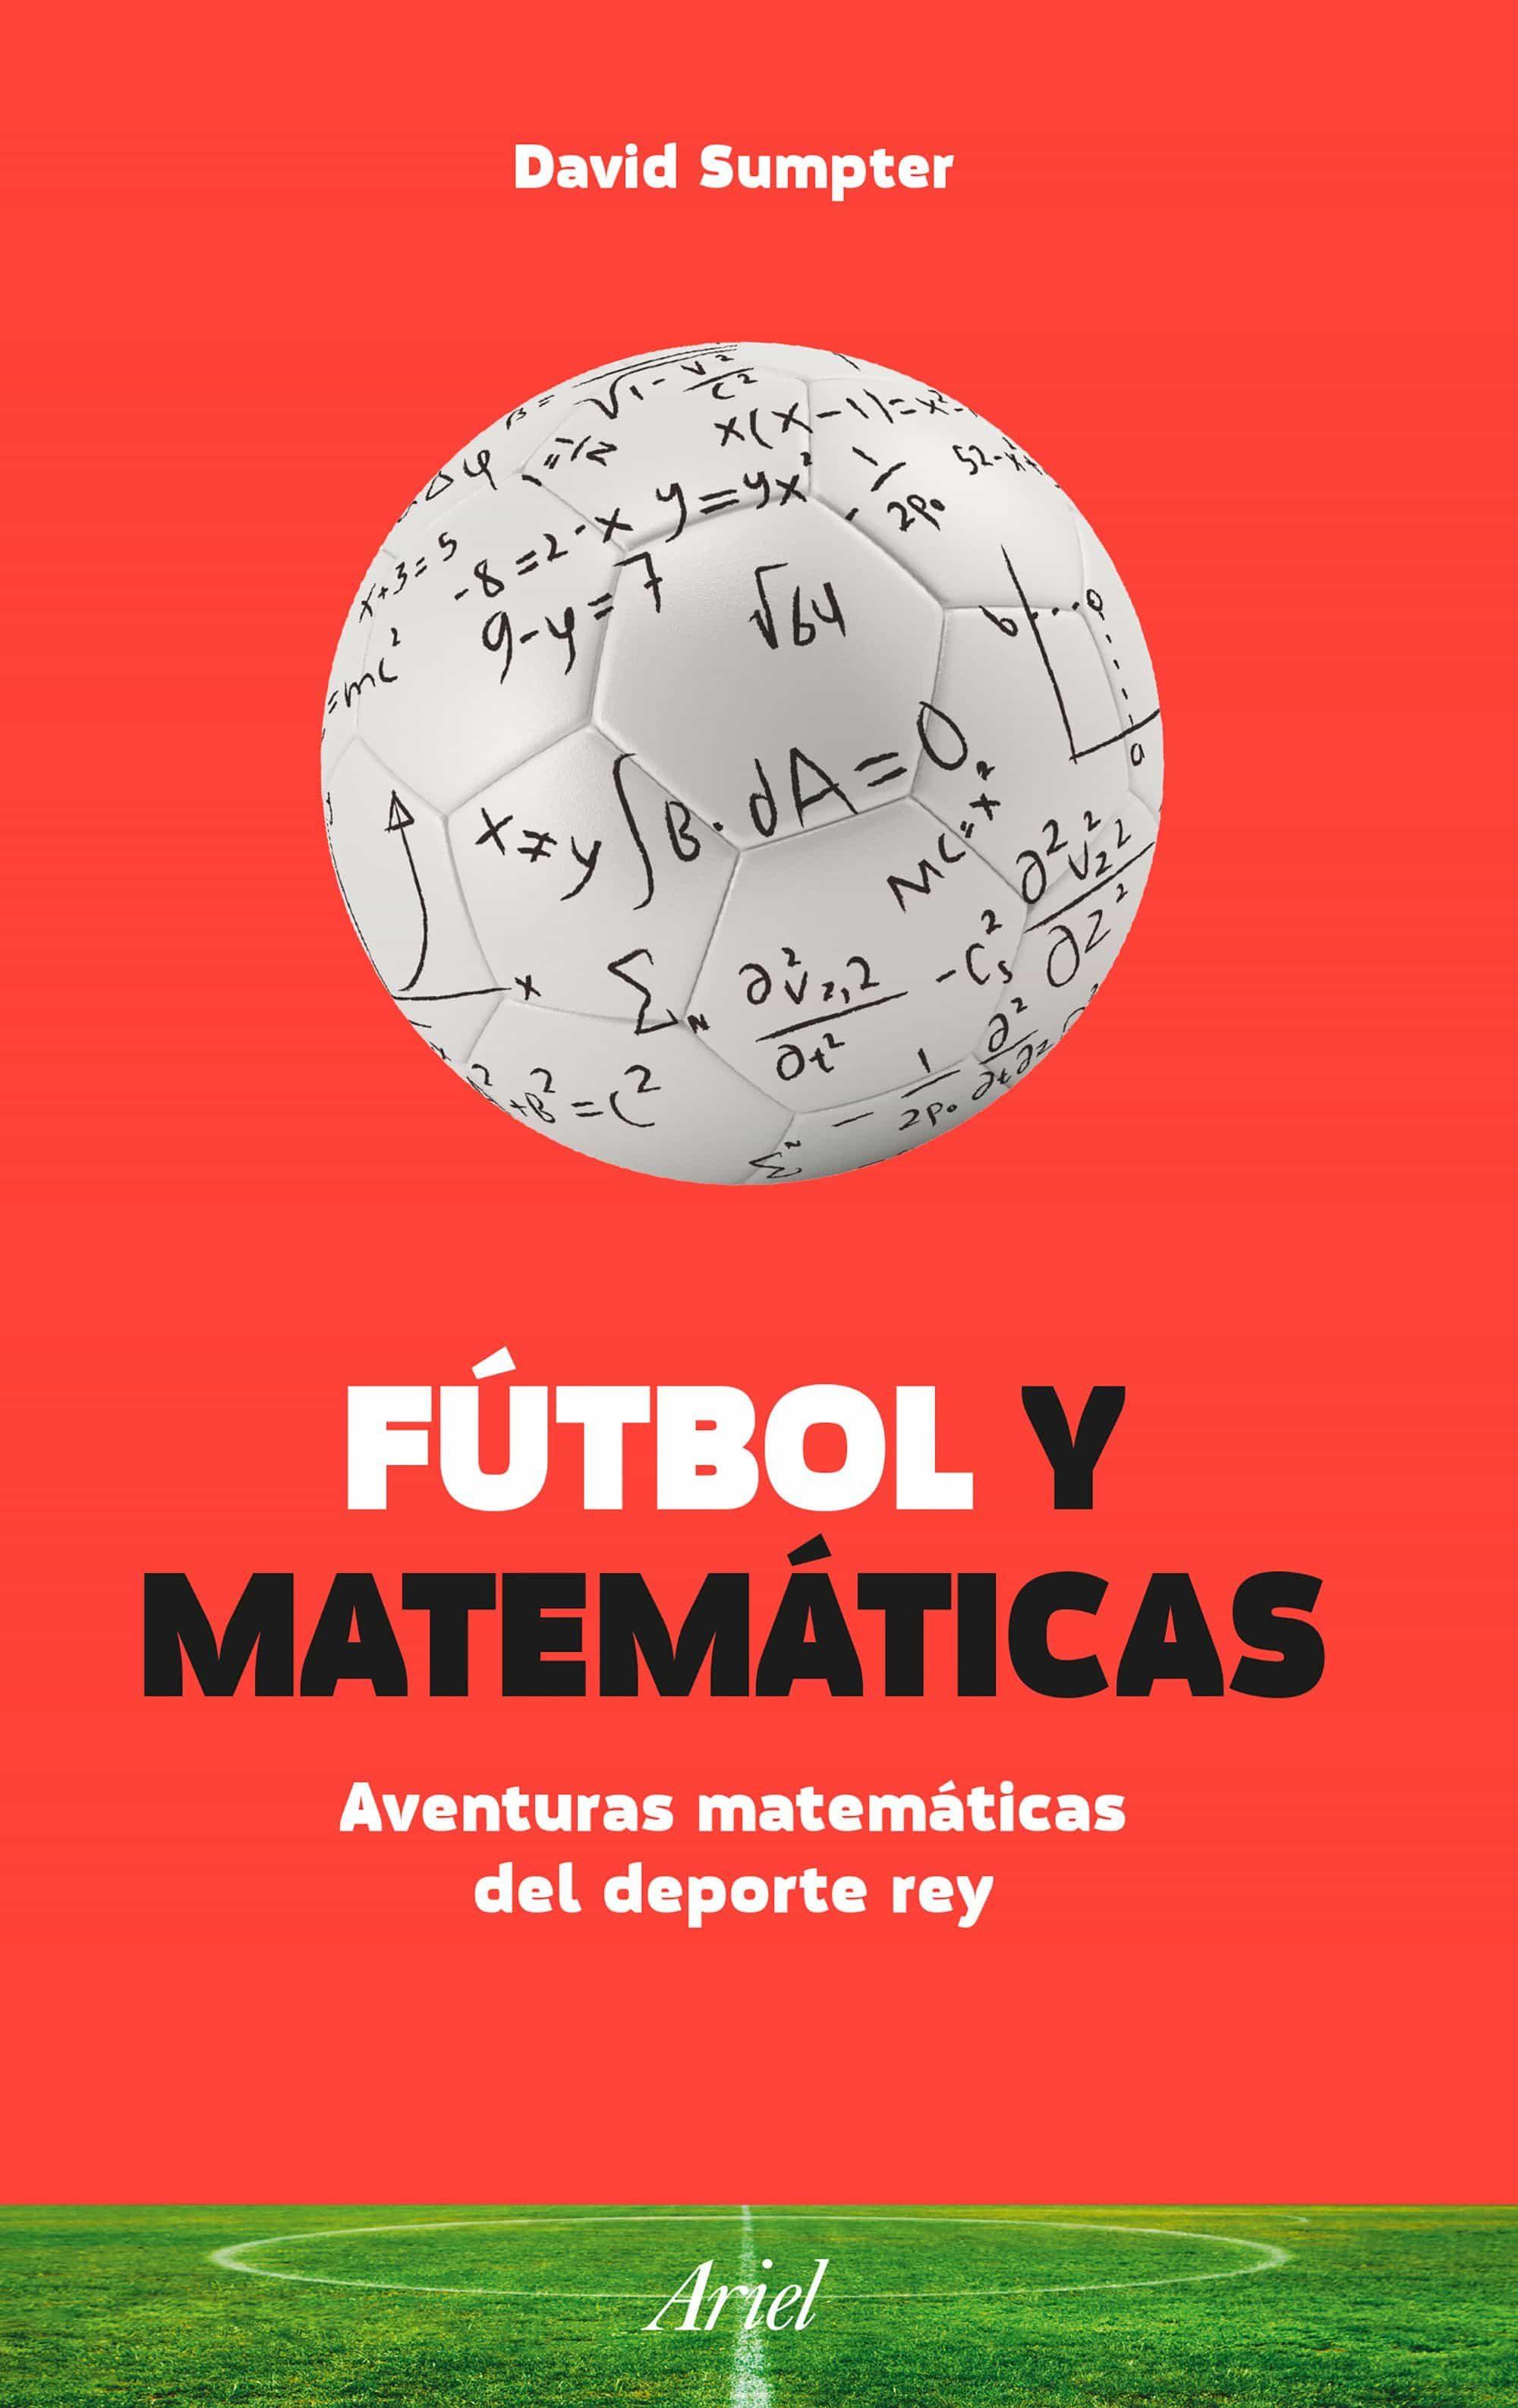 Fútbol Y Matemáticas - Sumpter David